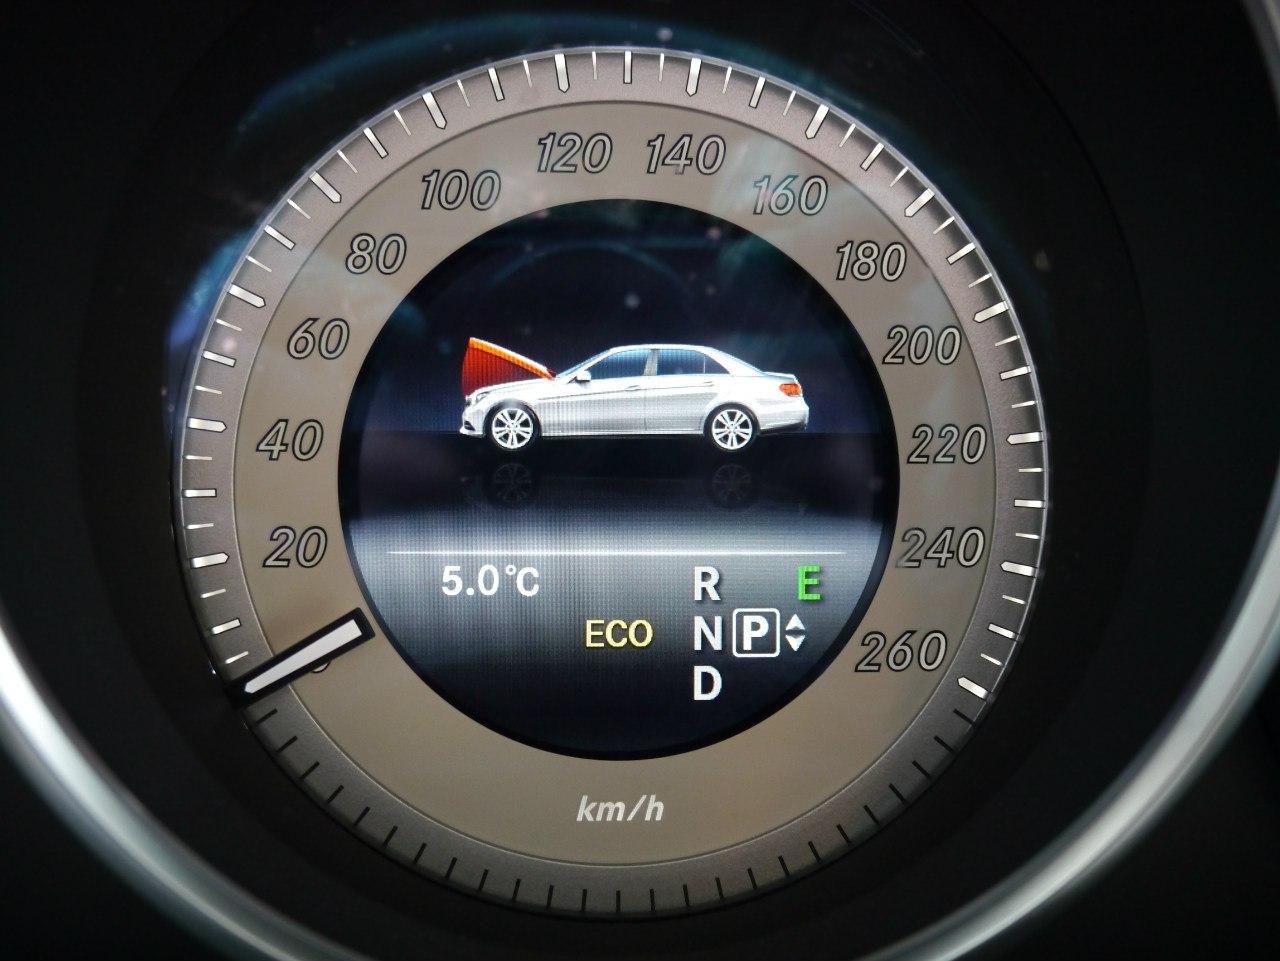 Умный процессор Mercedes-Benz E выводит даже такую информацию.